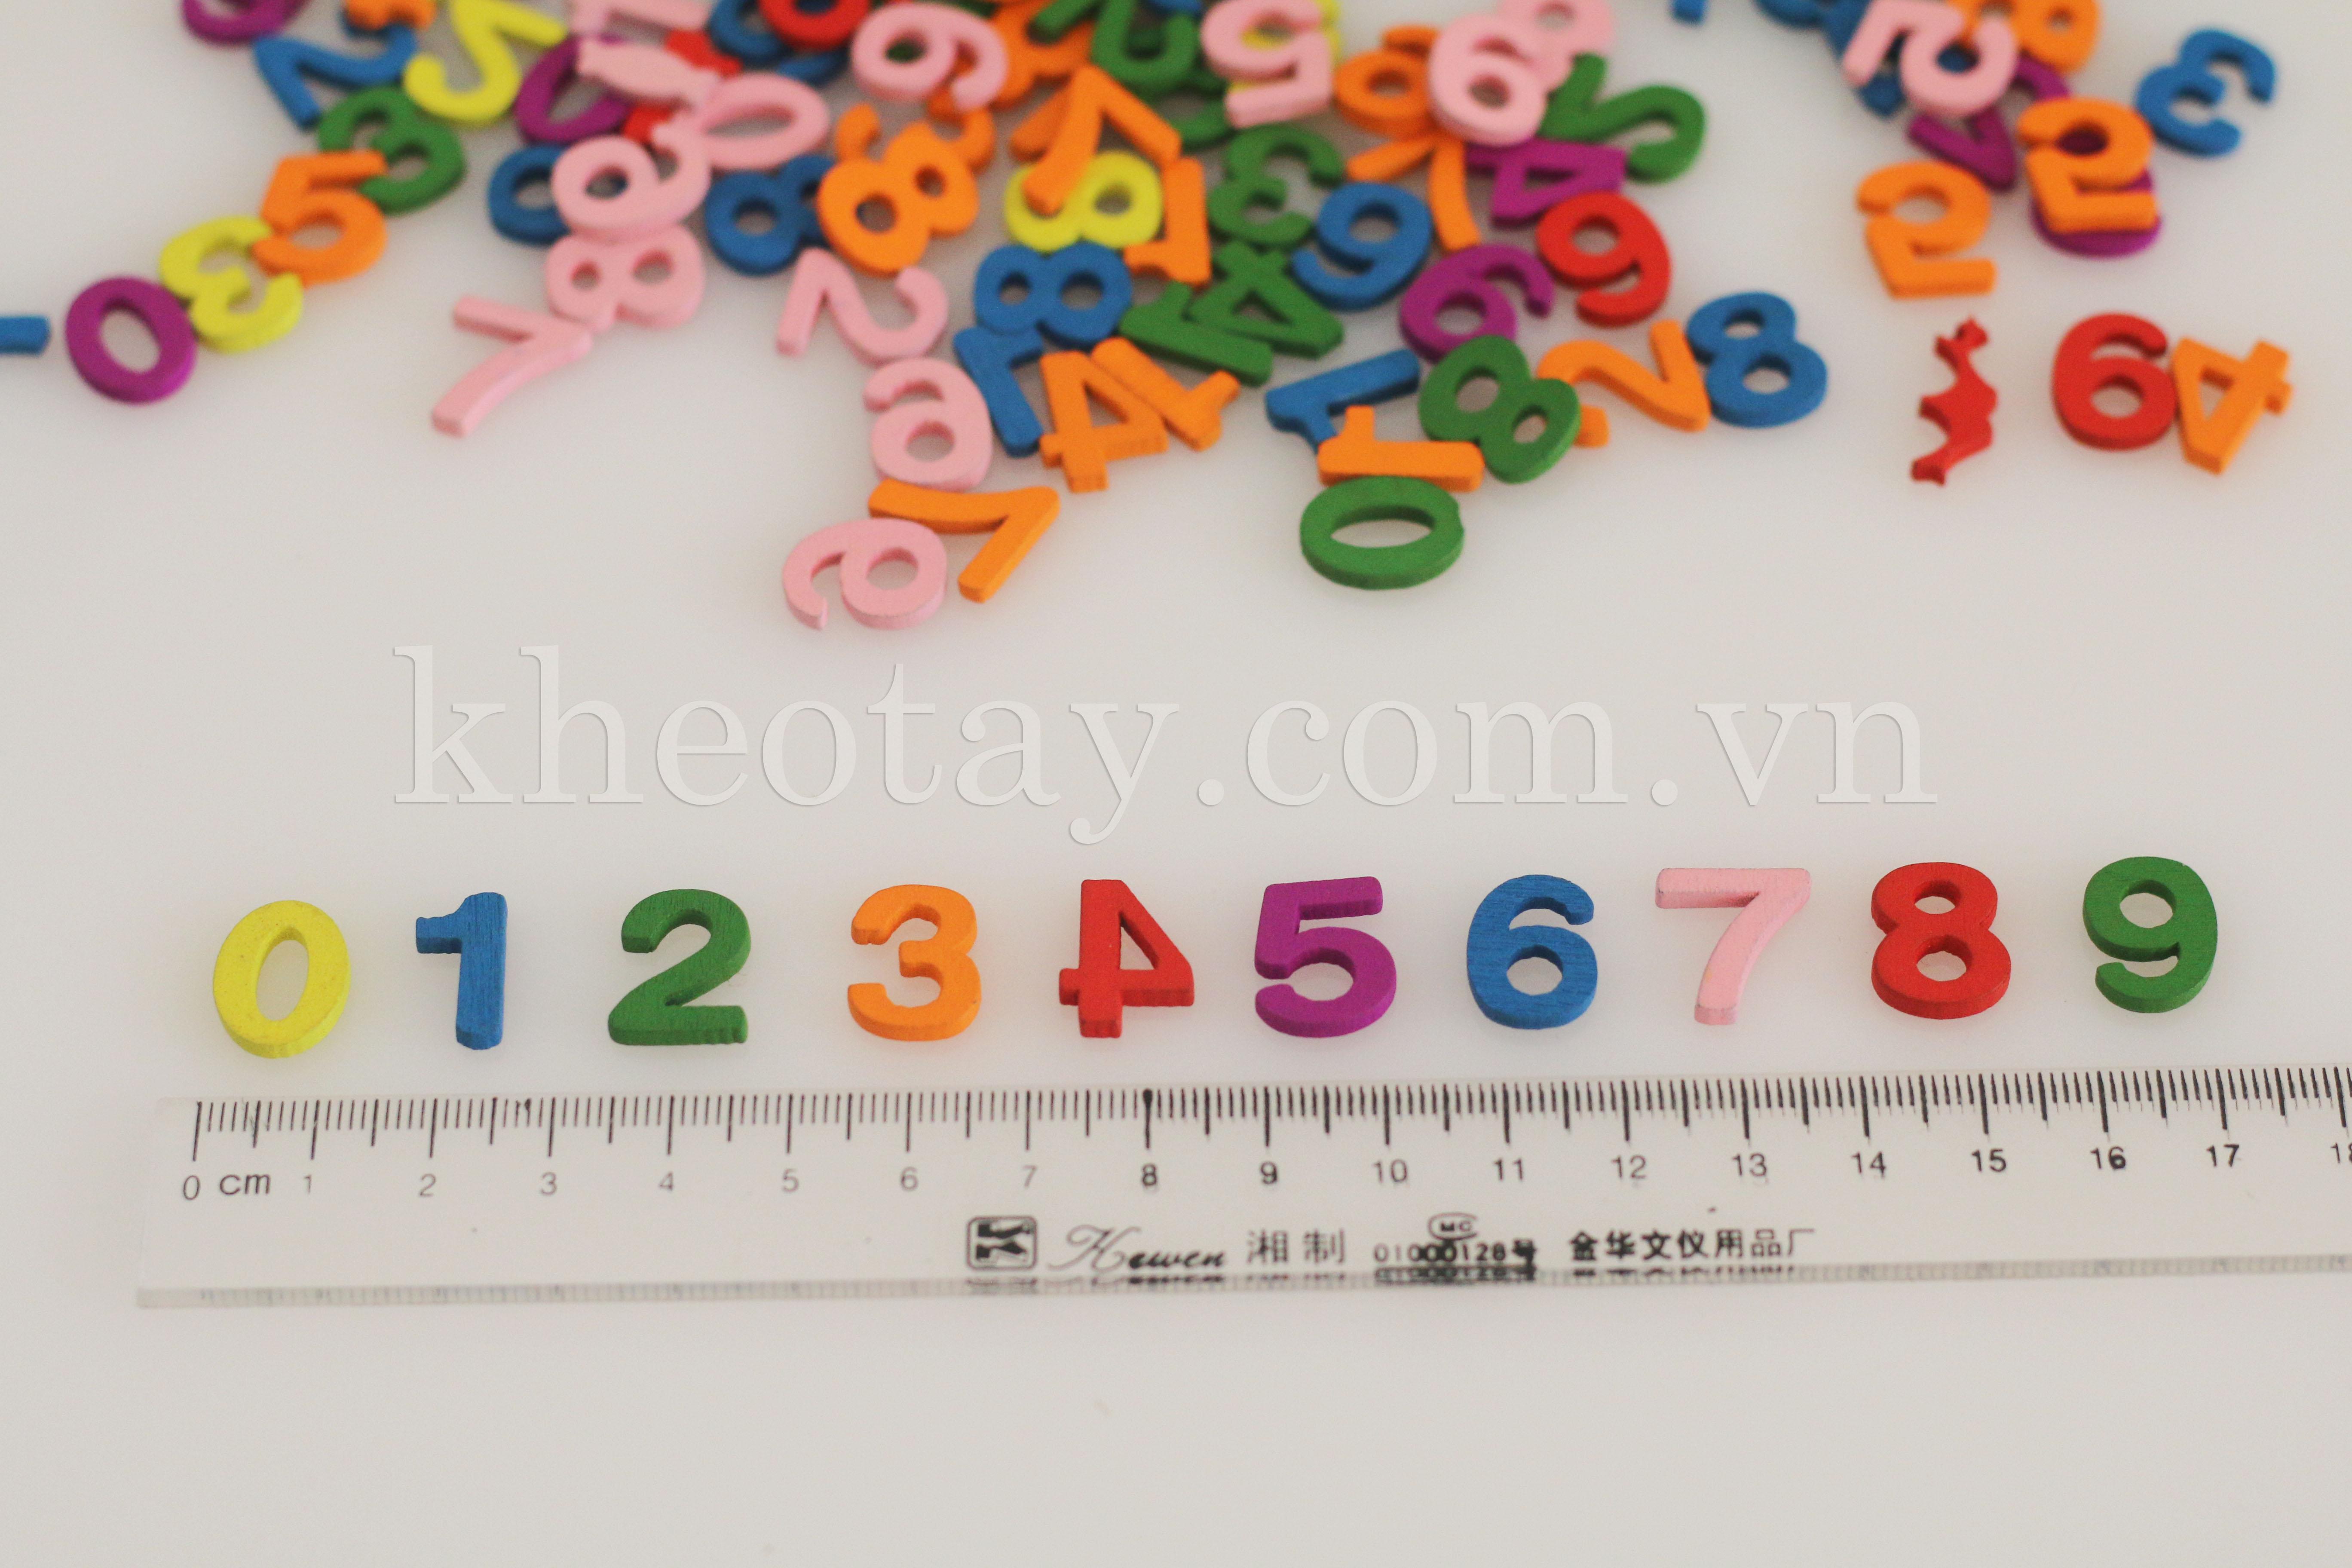 Mấu khuy gỗ bảng chữ số nhiều màu